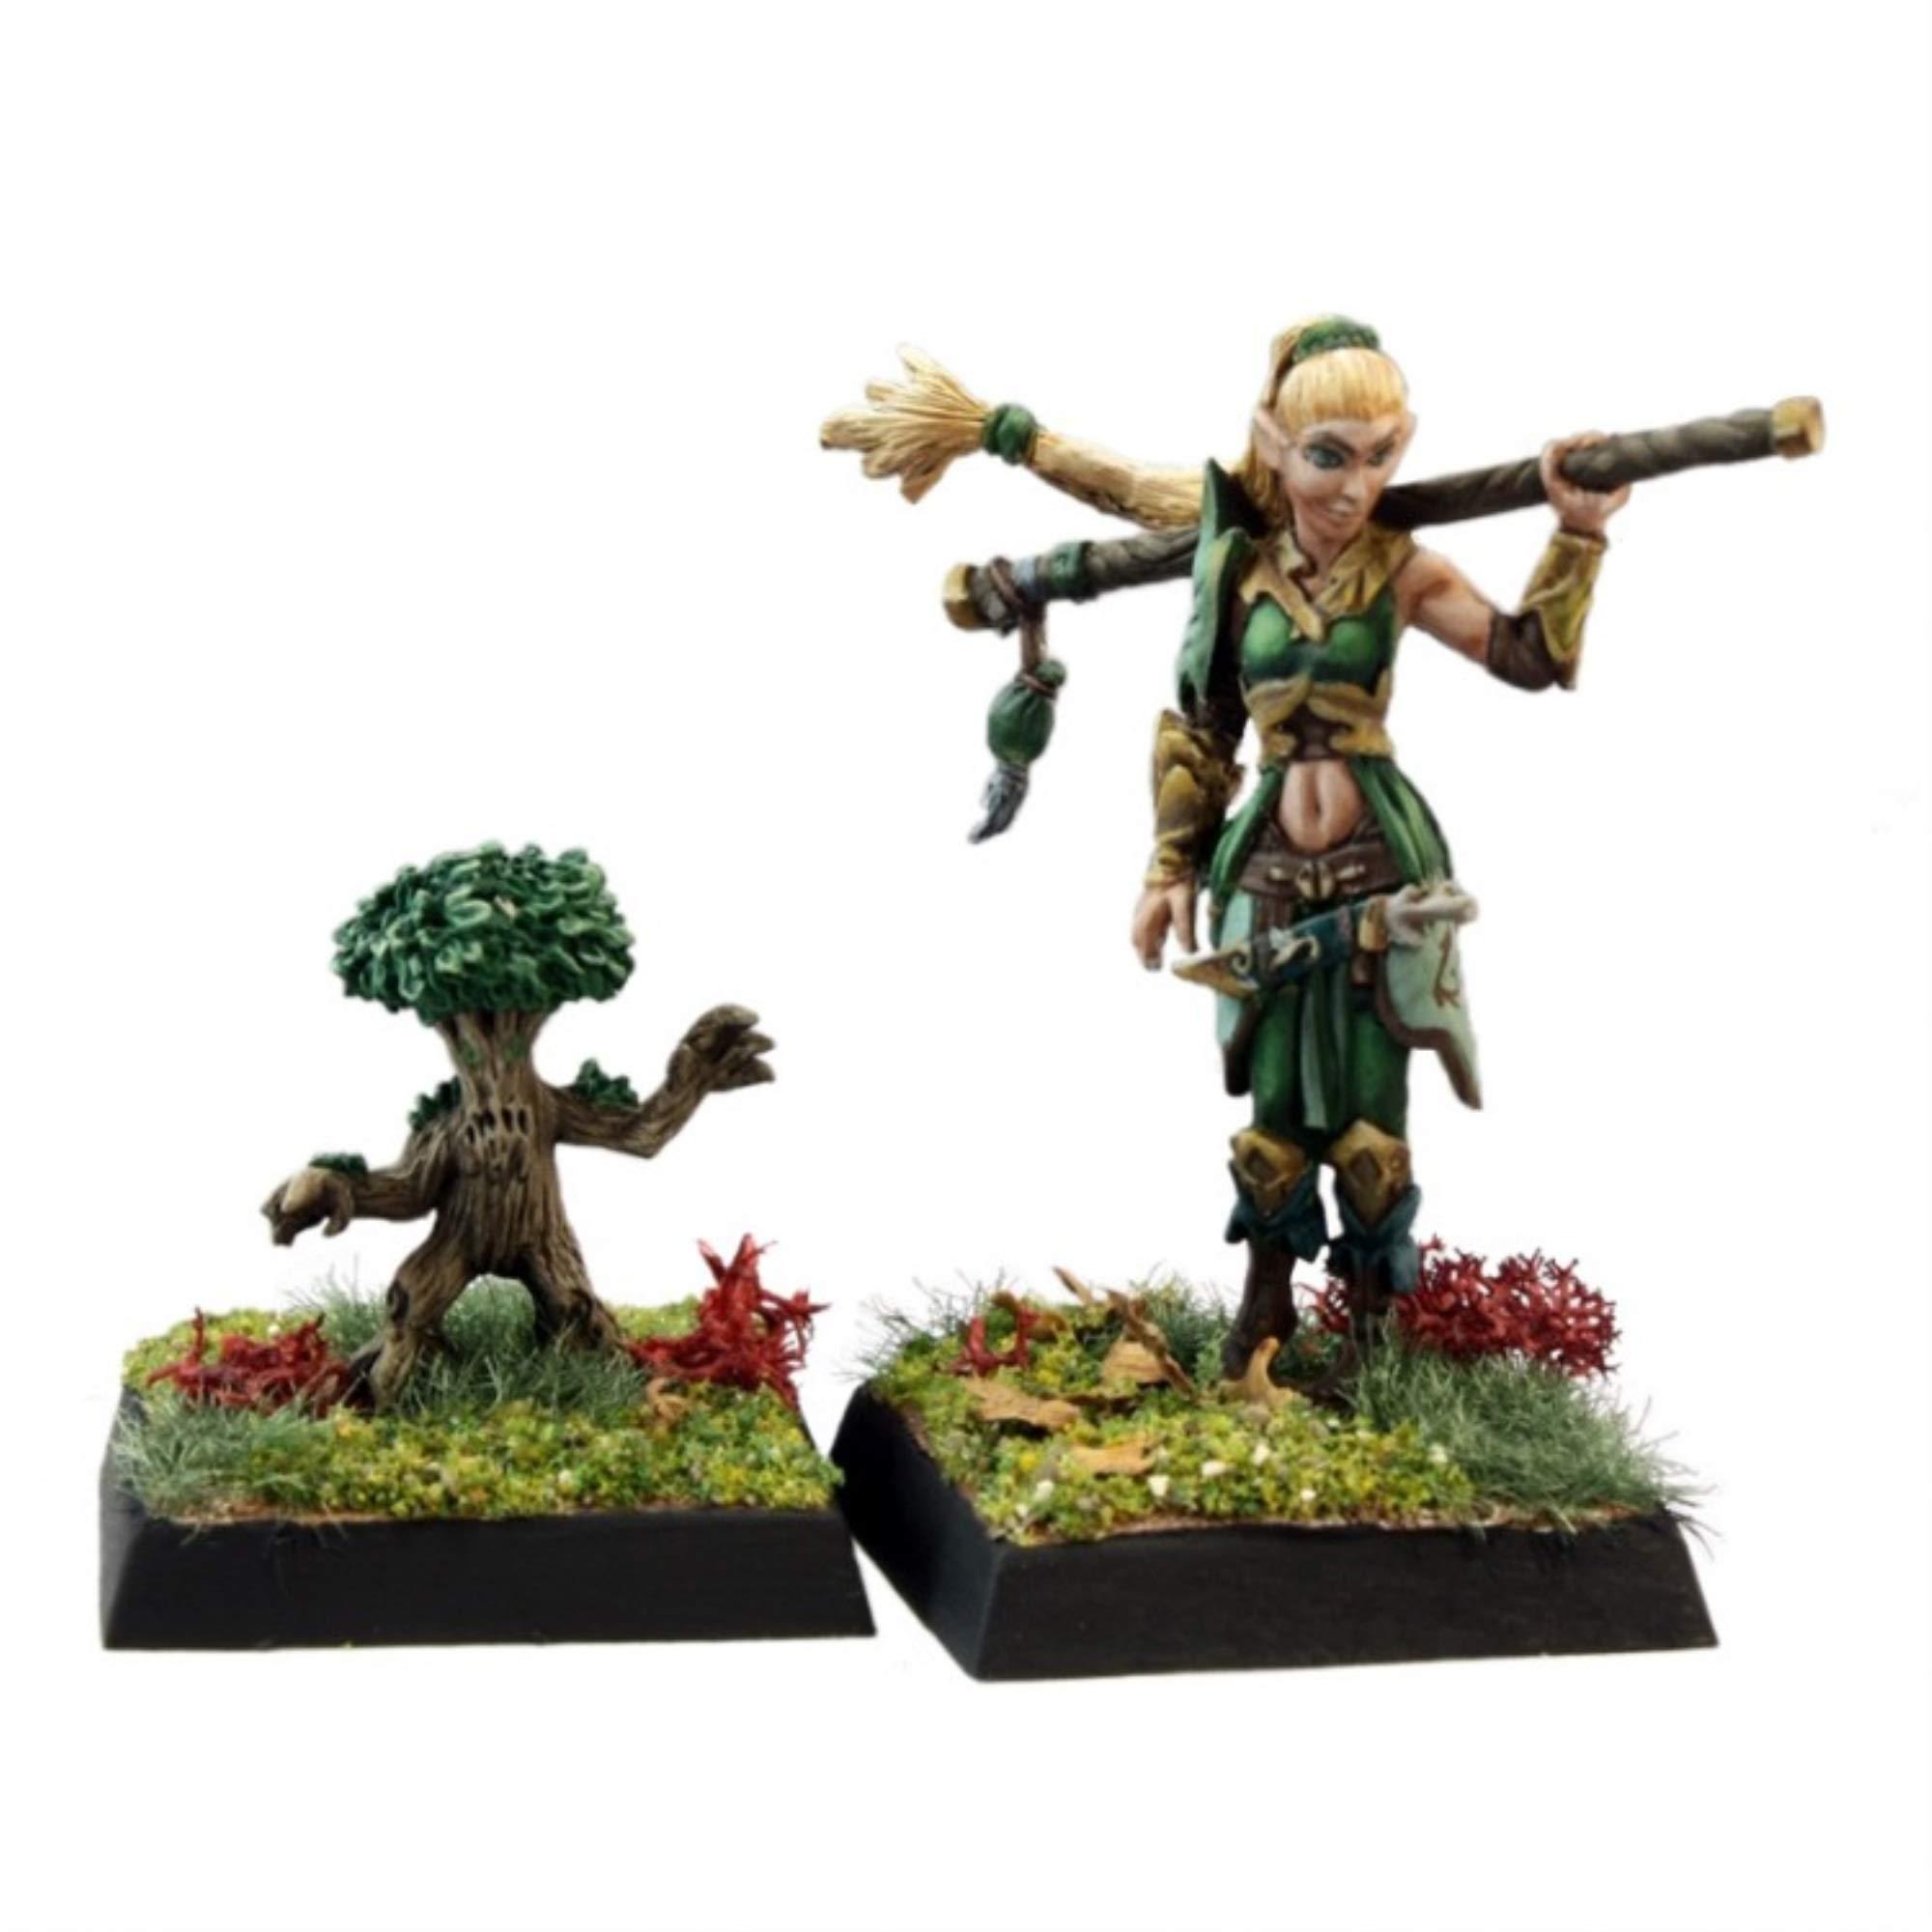 Pathfinder Miniatures Reaper 60064 Nature Warden